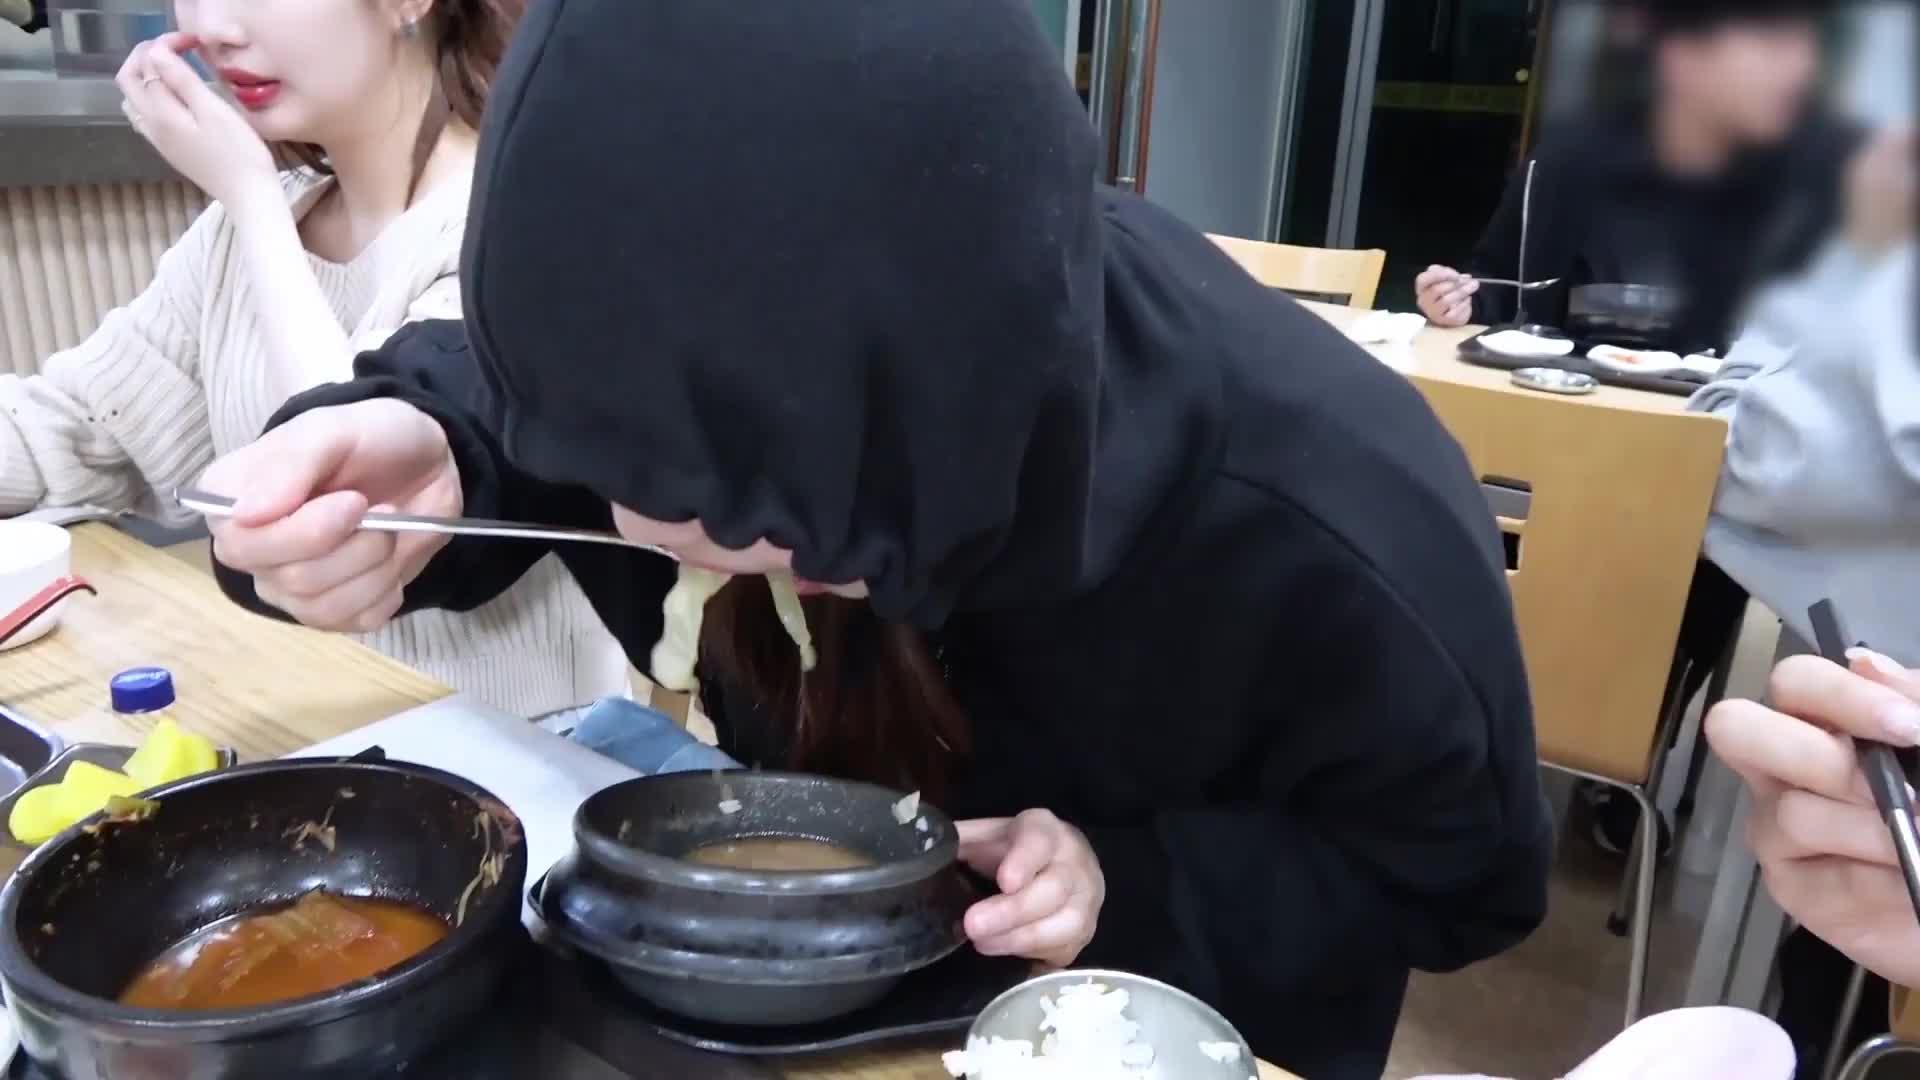 이달의소녀탐구 #524 (LOONA TV #524) 4 GIFs